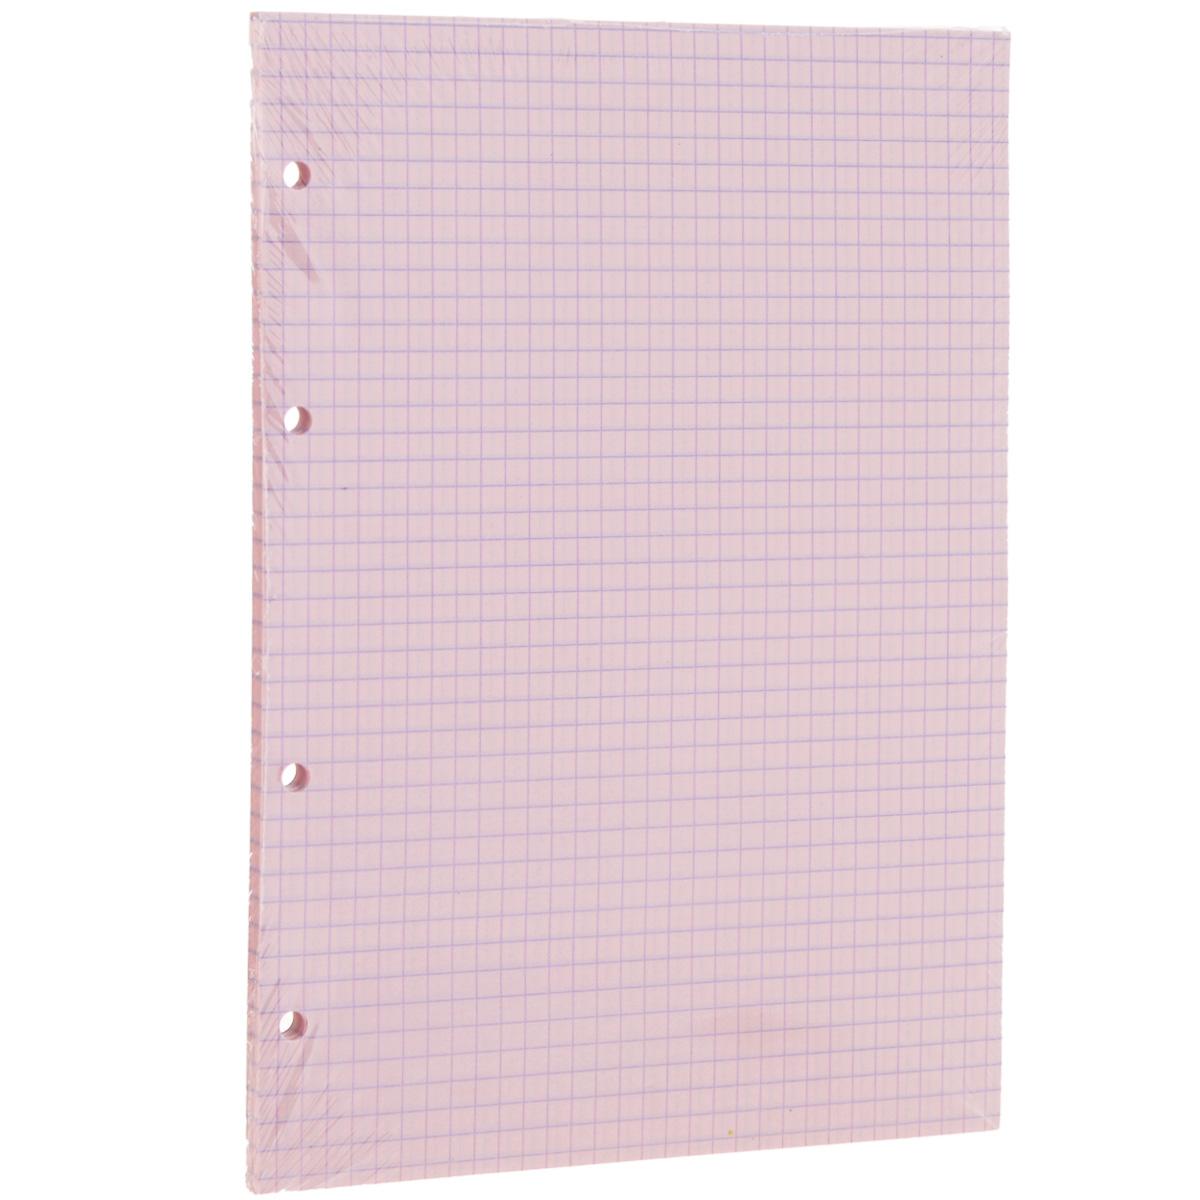 Сменный блок в клетку Erich Krause, для тетрадей на кольцах, цвет: розовый, 80 листов72523WDСменный блок Erich Krause предназначен для тетрадей с кольцевым механизмом. Листы выполнены из бумаги розового цвета в голубую клетку.